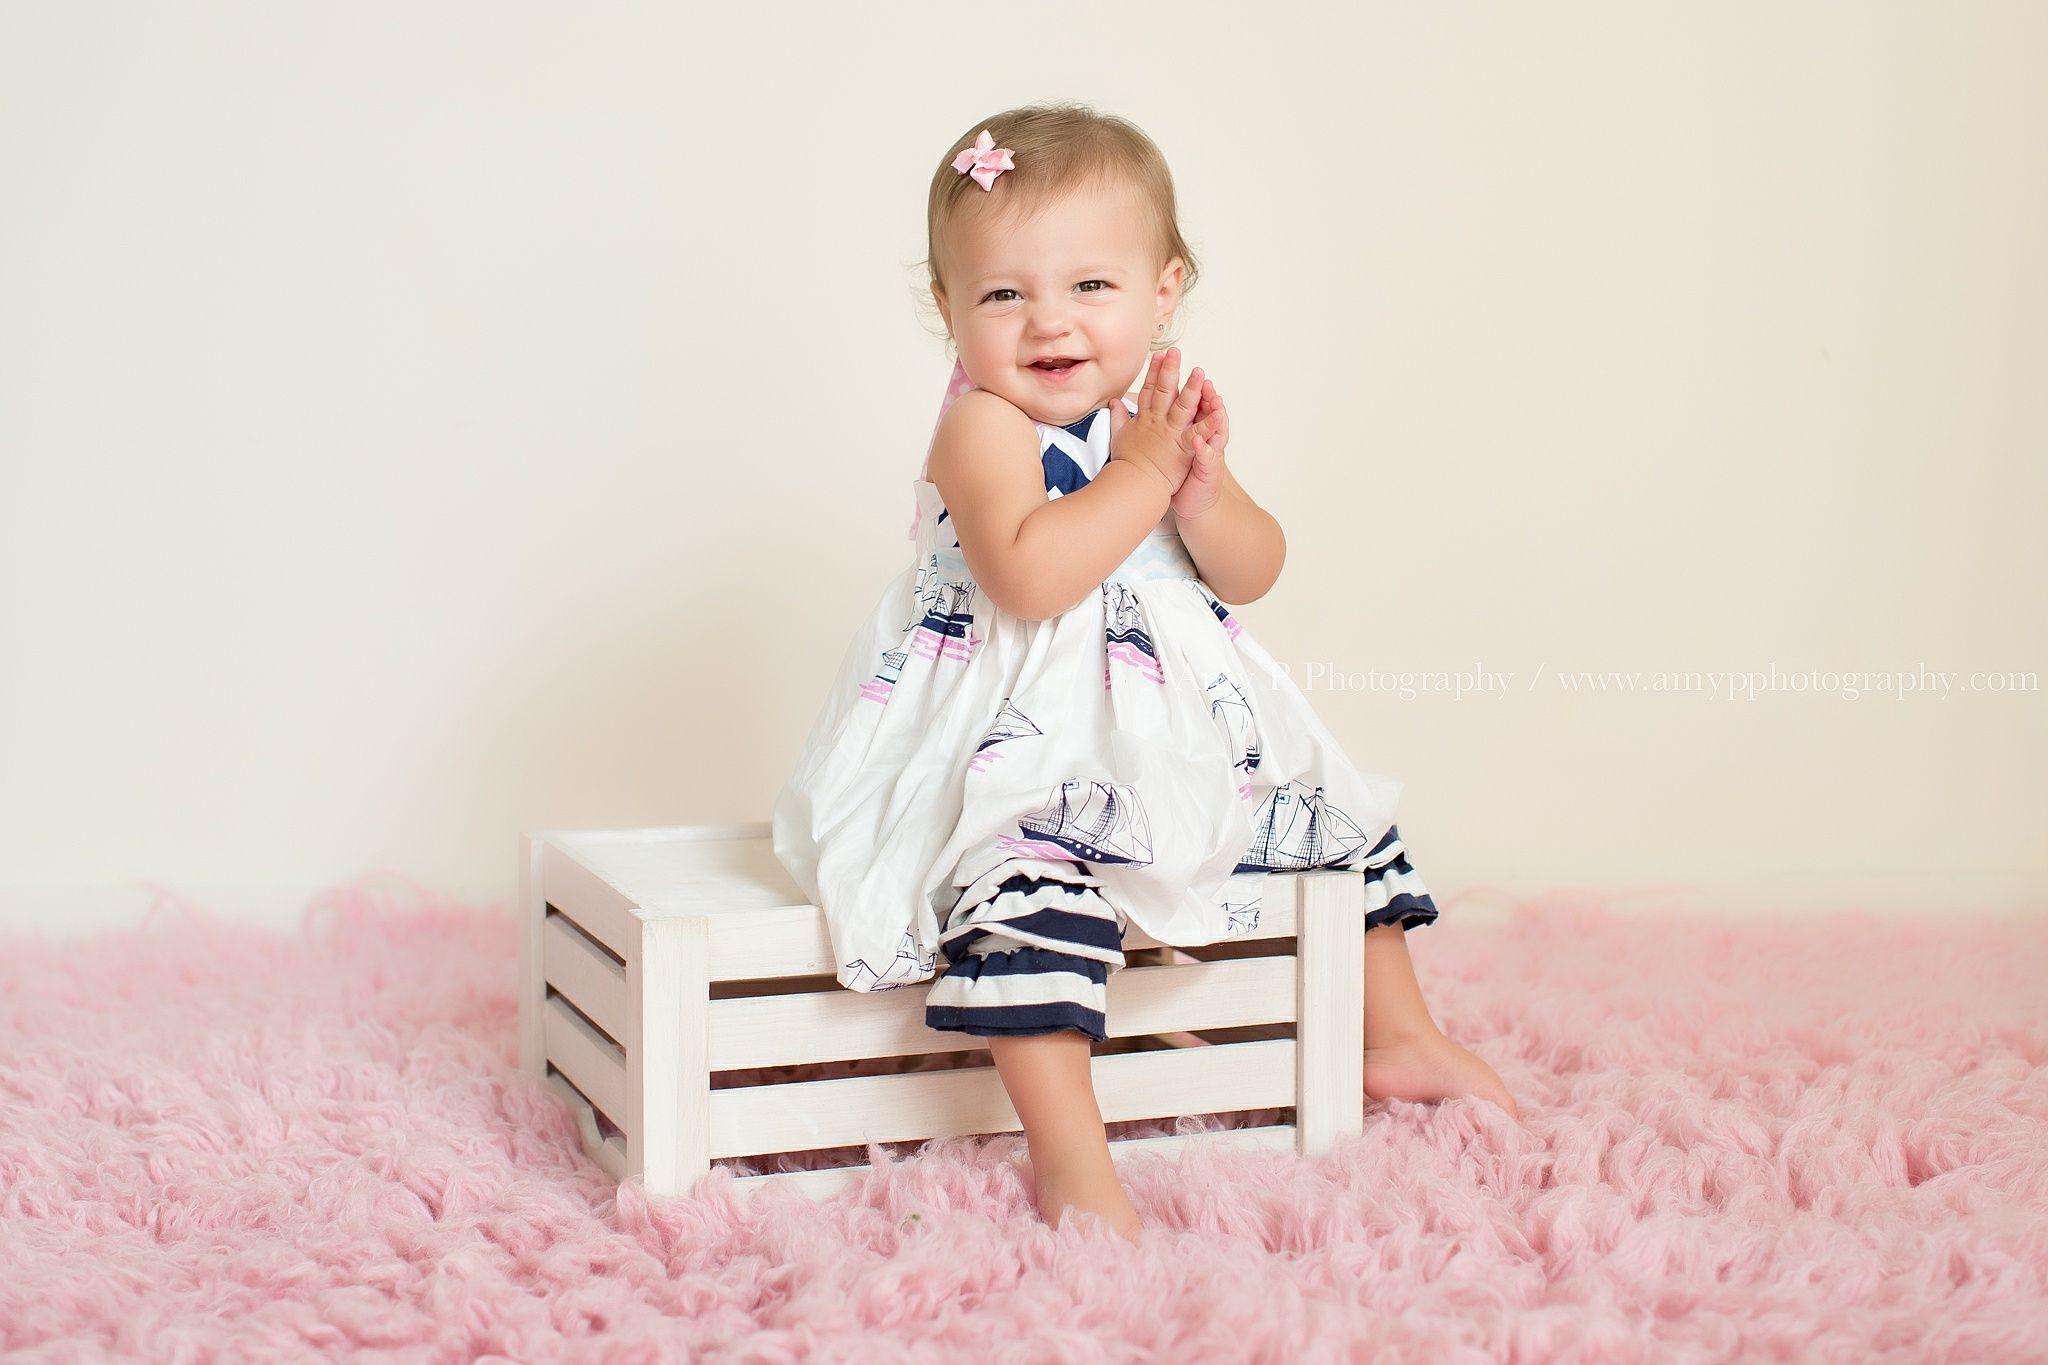 little girl one year old baby girl studio